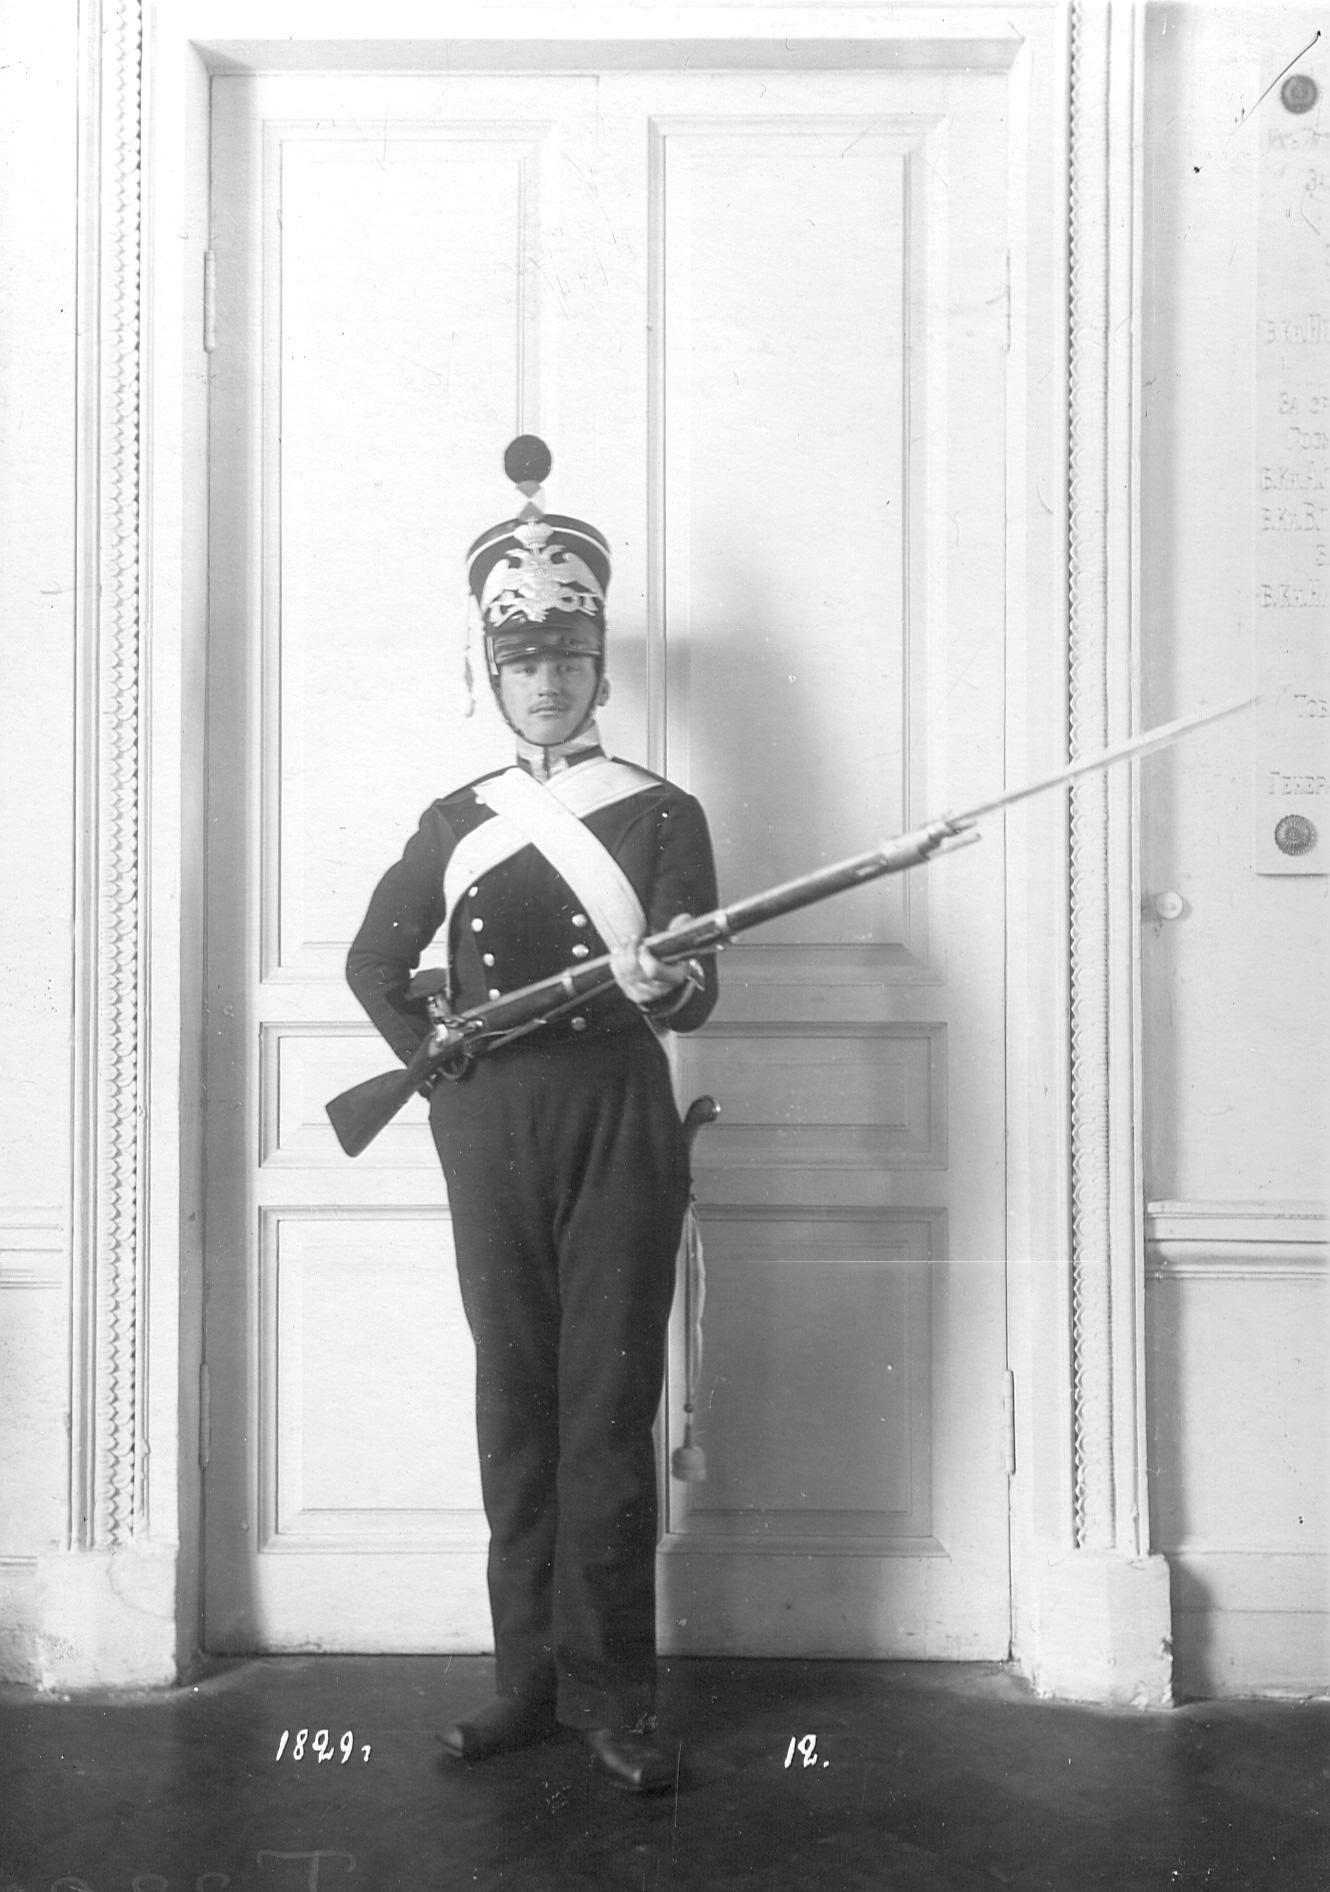 Сапер батальона в форме образца 1829 года.